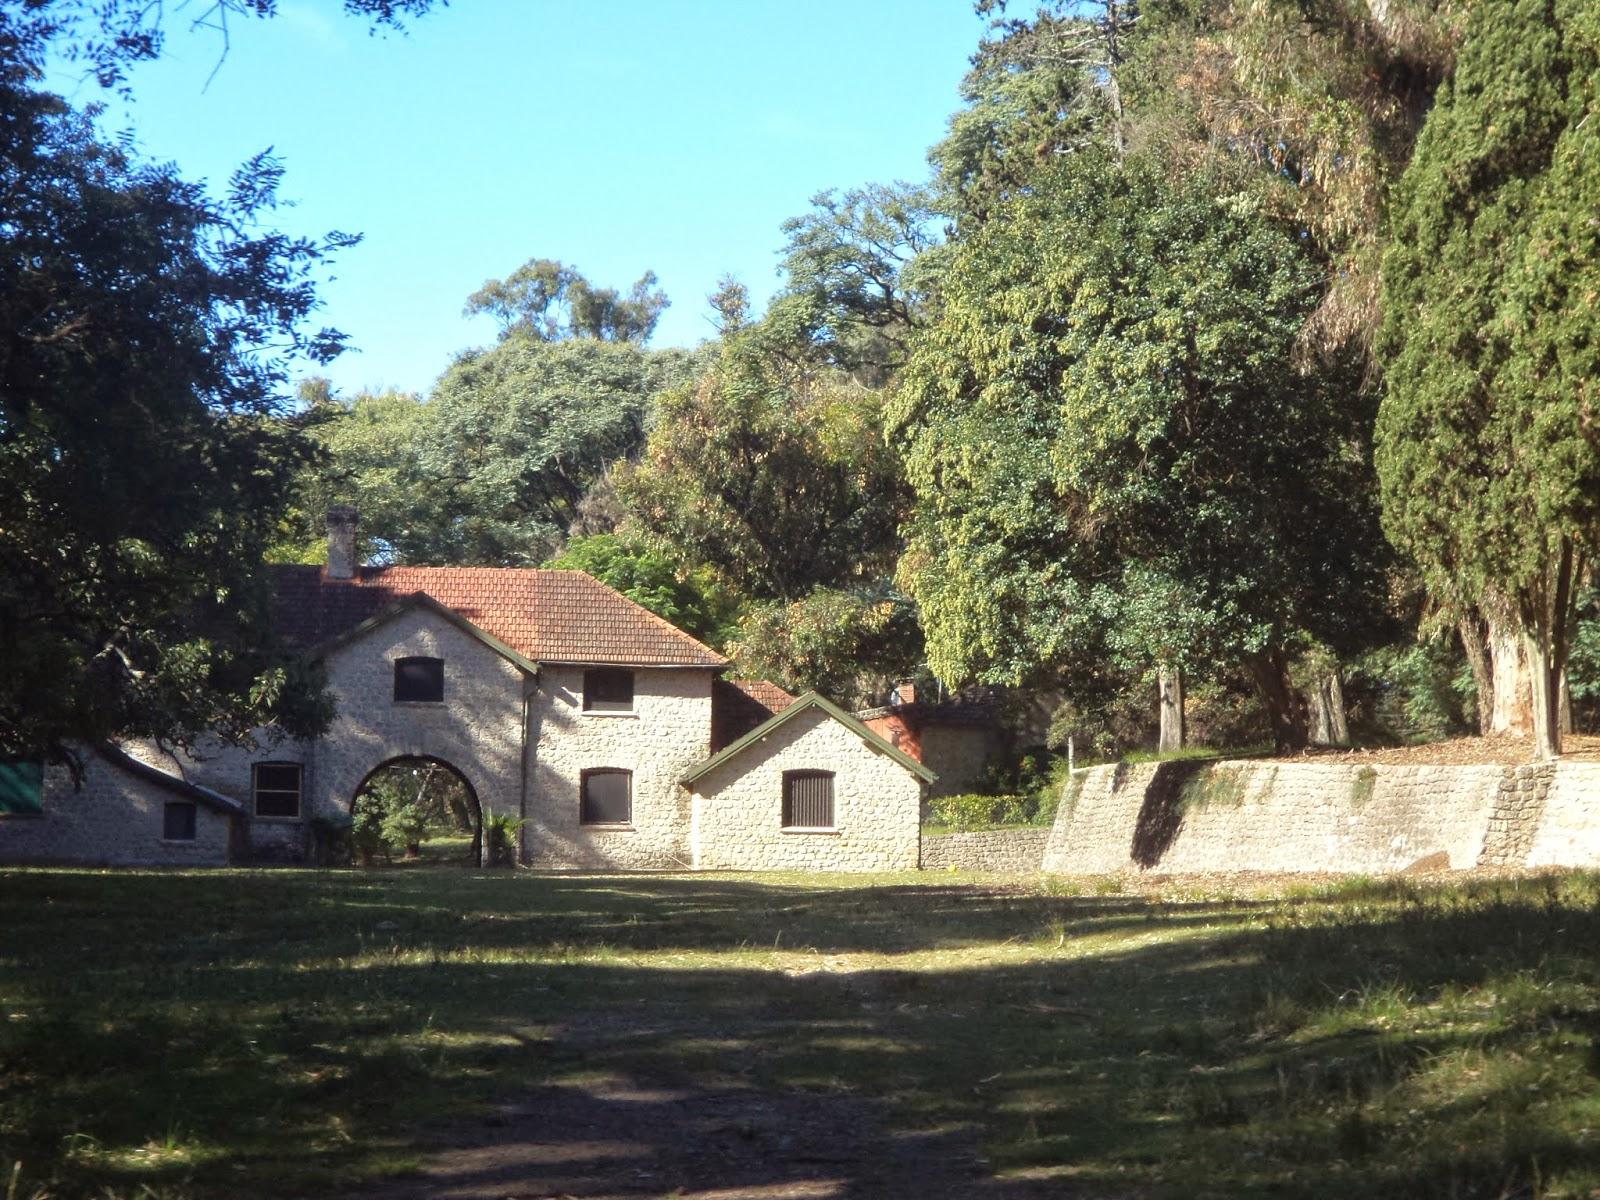 Estancia y Parque Anchorena (Colonia), Lugares Turisticos de Uruguay,